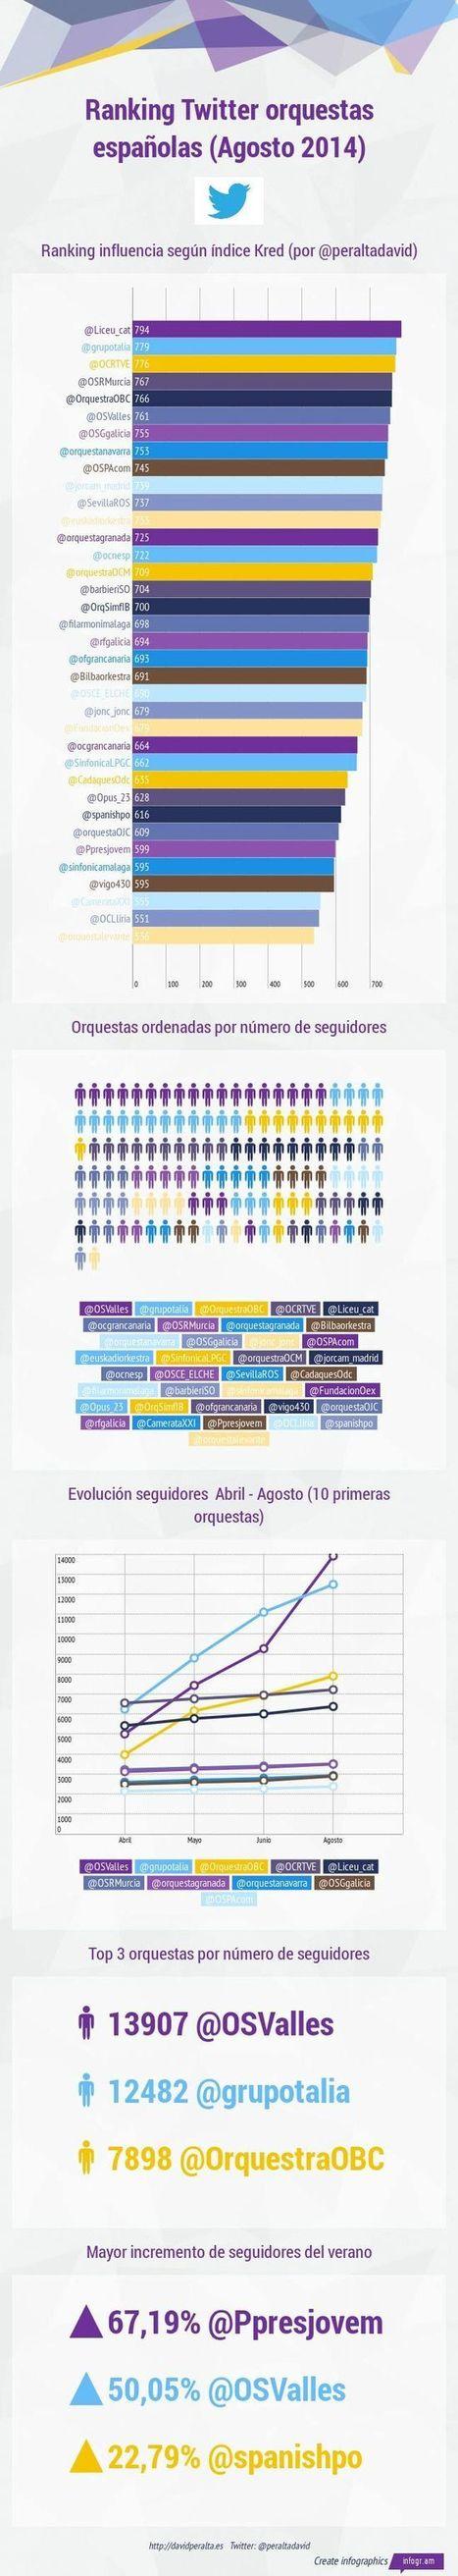 Las orquestas españolas en Twitter no descansan en verano [infografía] | Seo, Social Media Marketing | Scoop.it